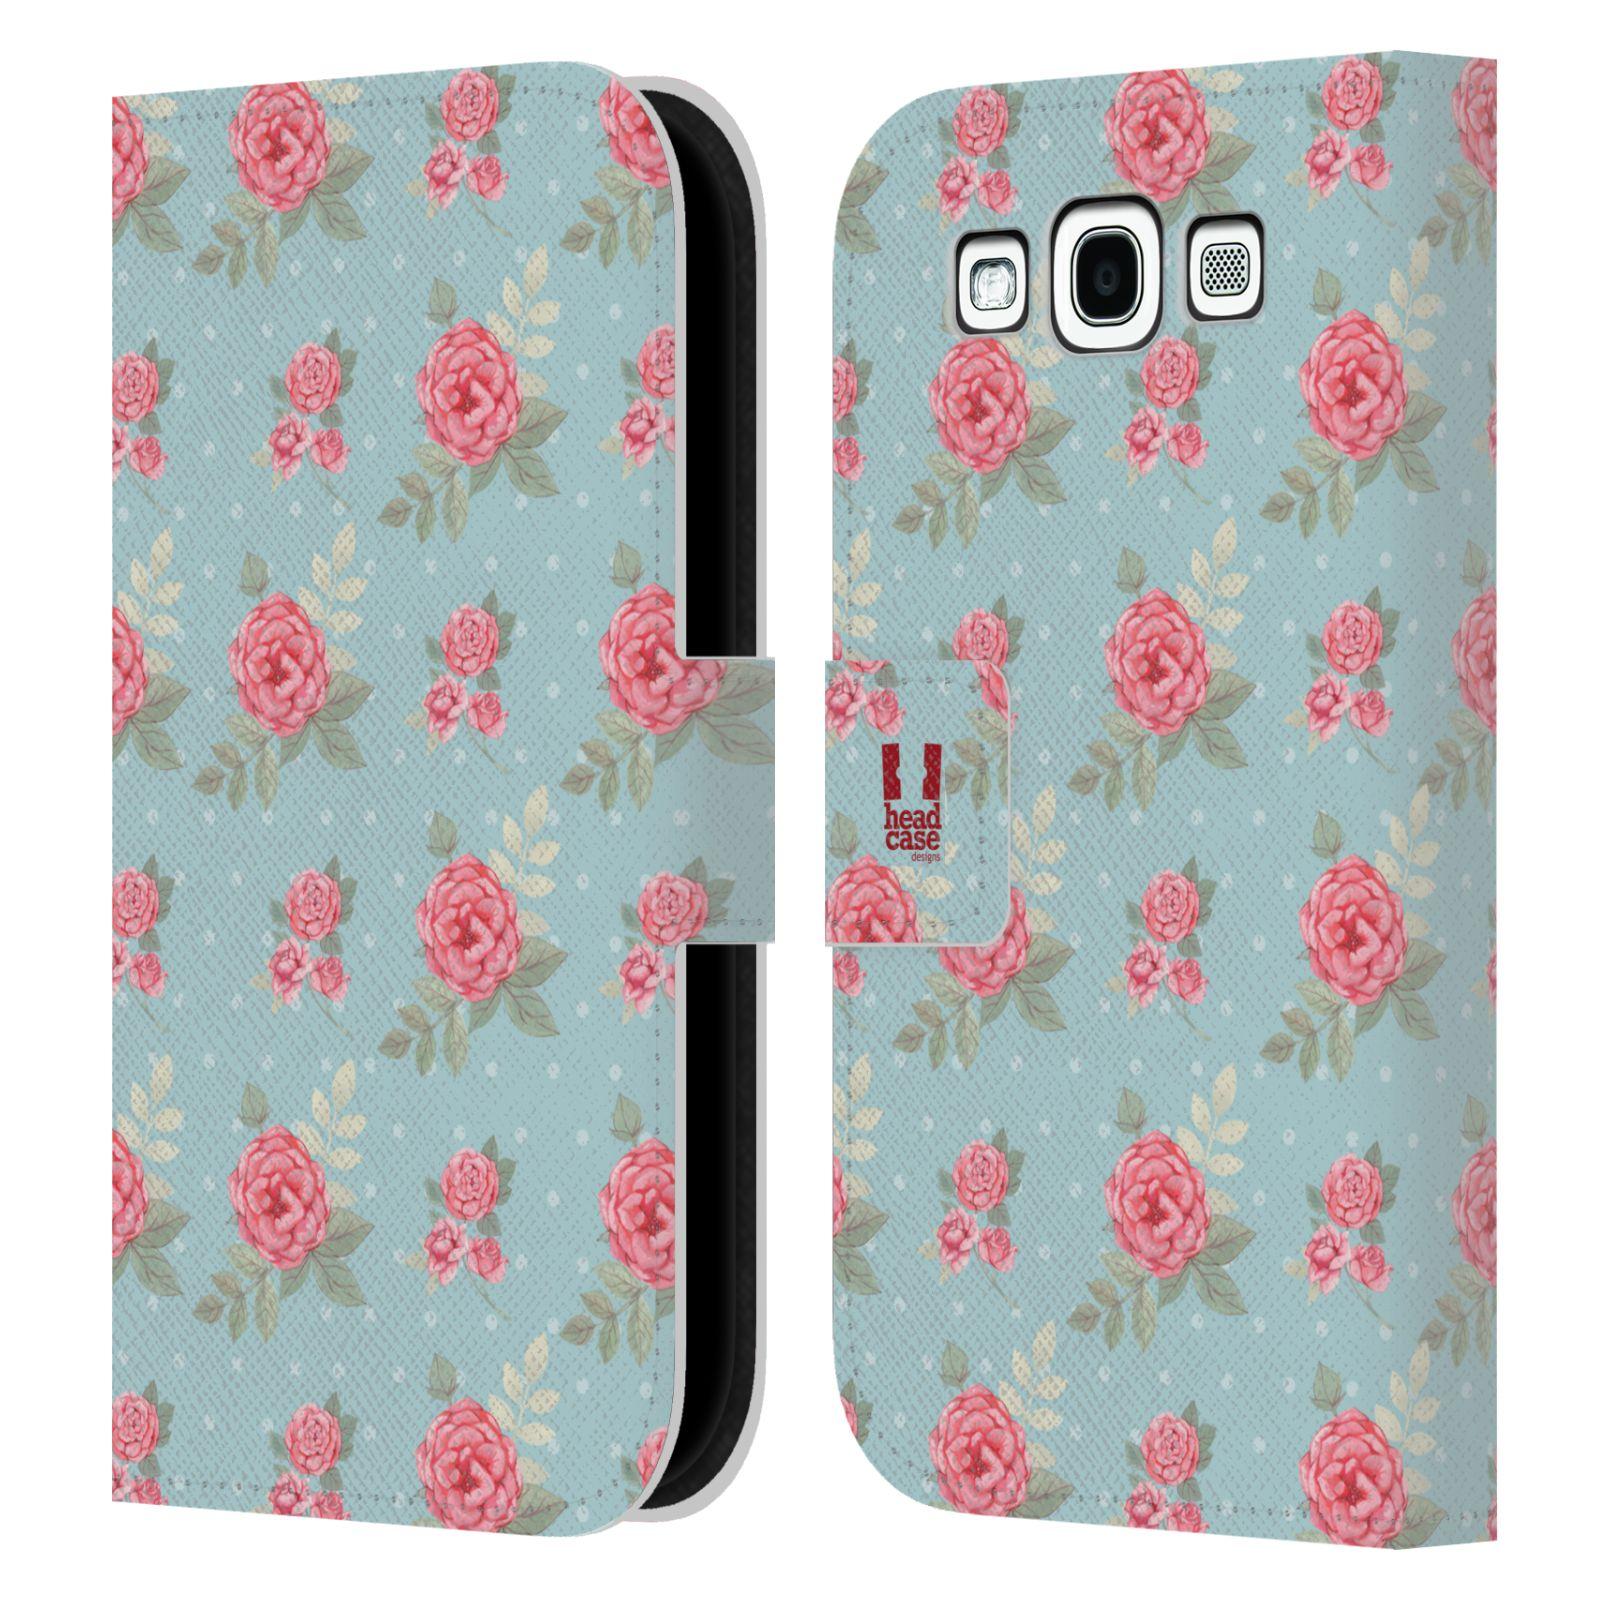 HEAD CASE Flipové pouzdro pro mobil Samsung Galaxy S3 romantické květy anglické růže modrá a růžová